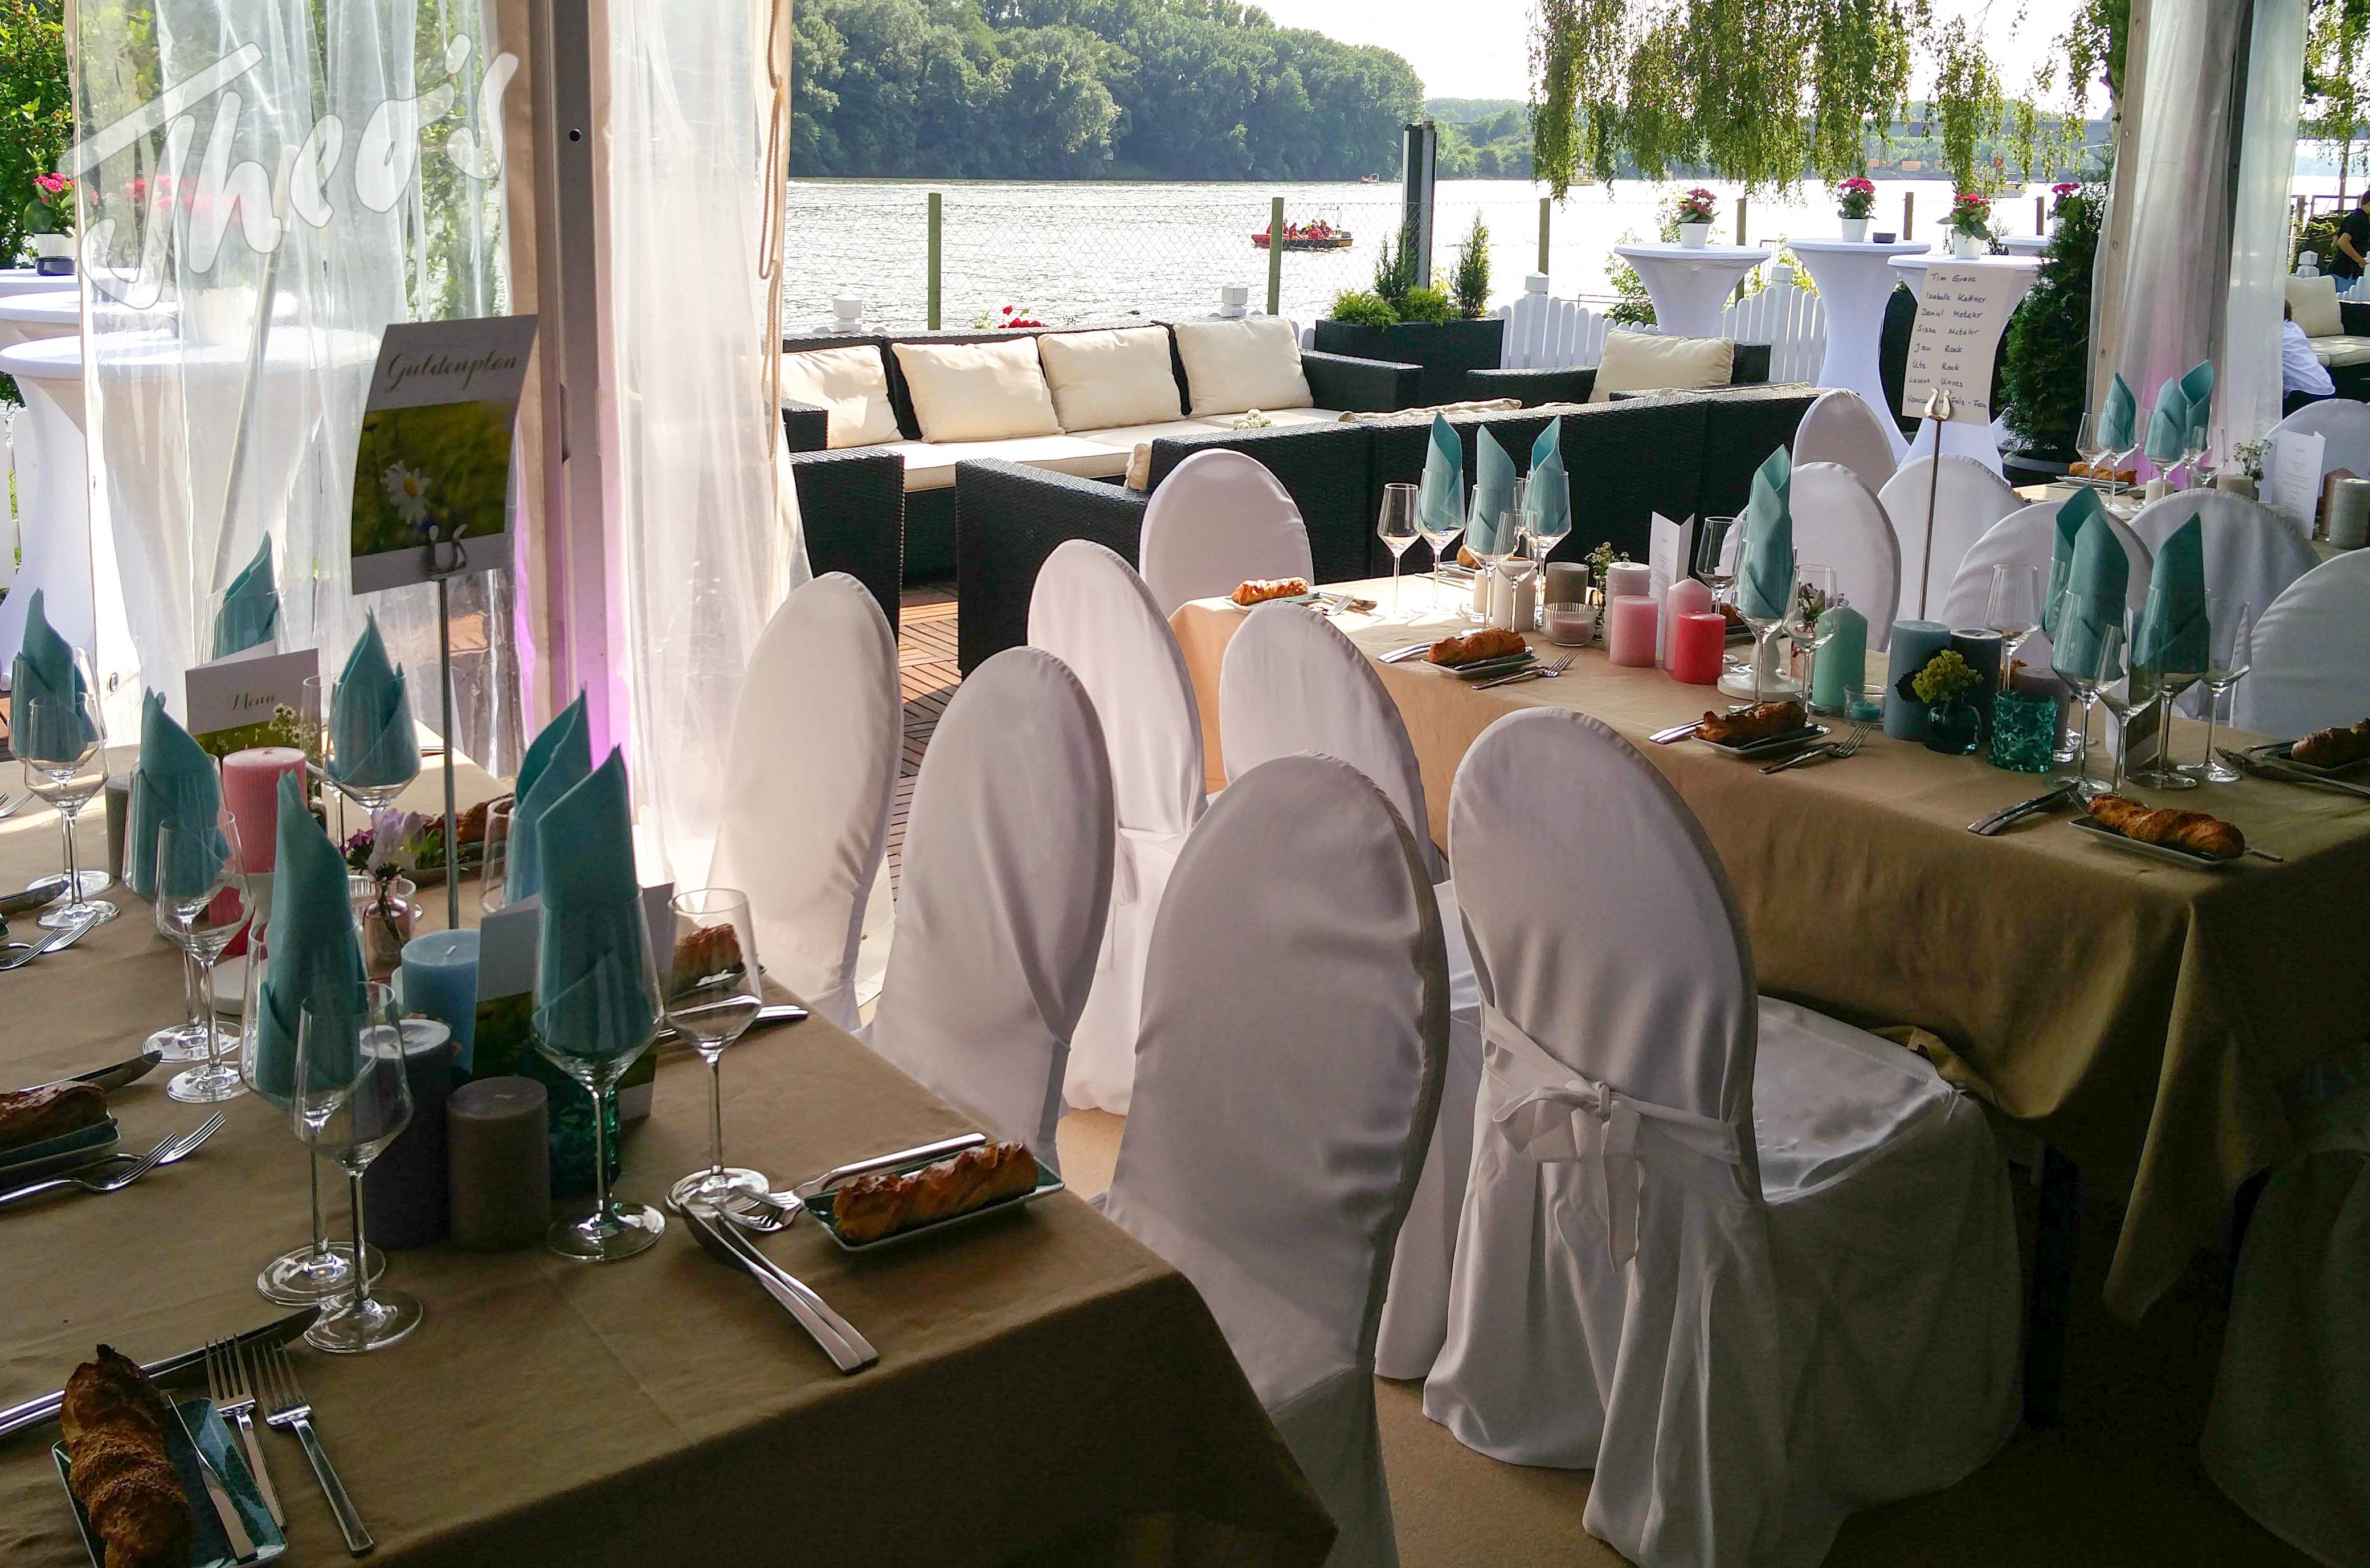 Geburtstag_Zelt_outdoor_Terrasse_lounge_dyckerhoff_geburtstag_stine-12